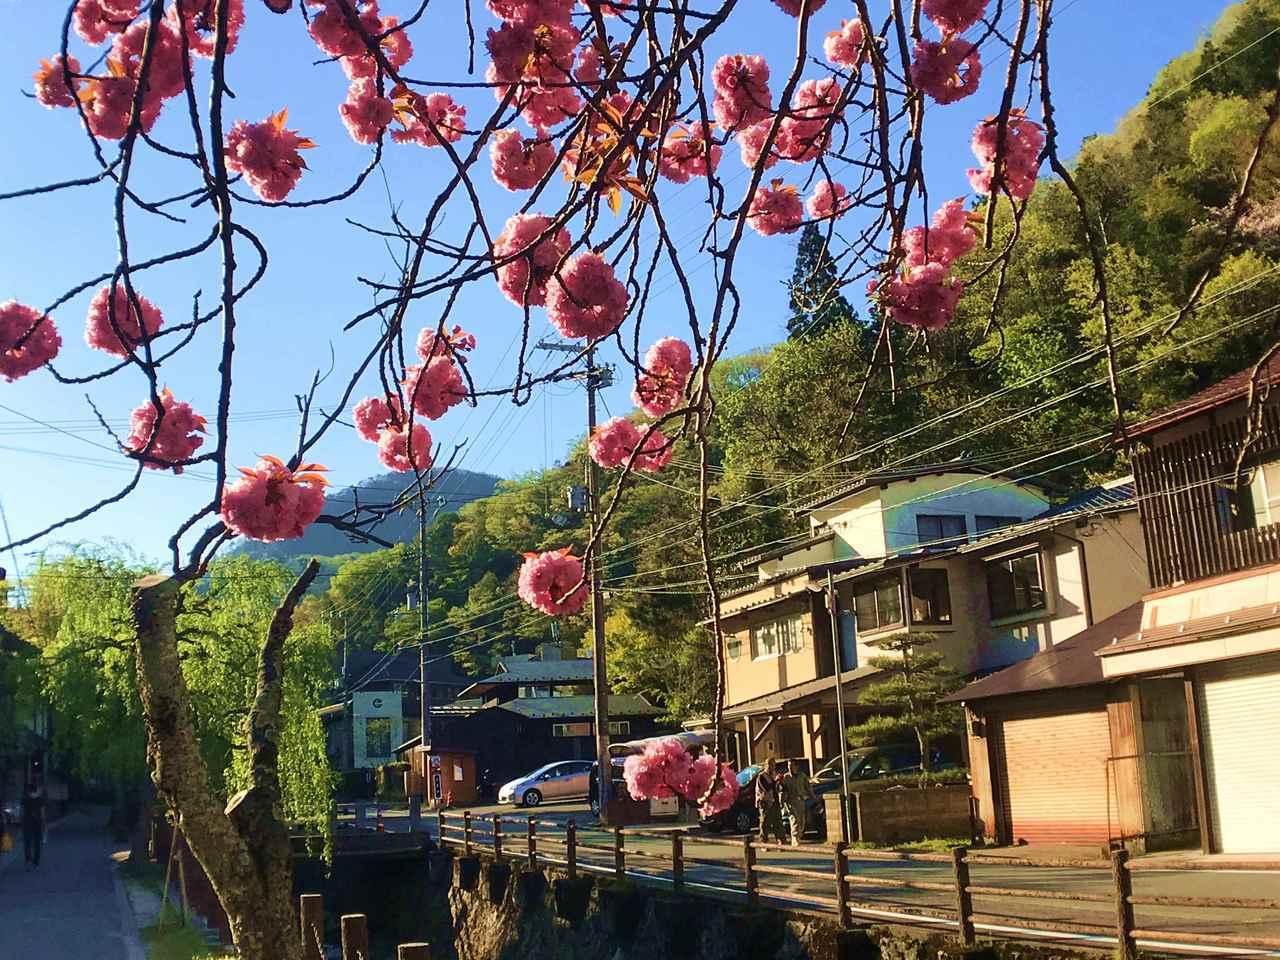 城崎溫泉街上春季盛開的櫻花。圖/有行旅提供。